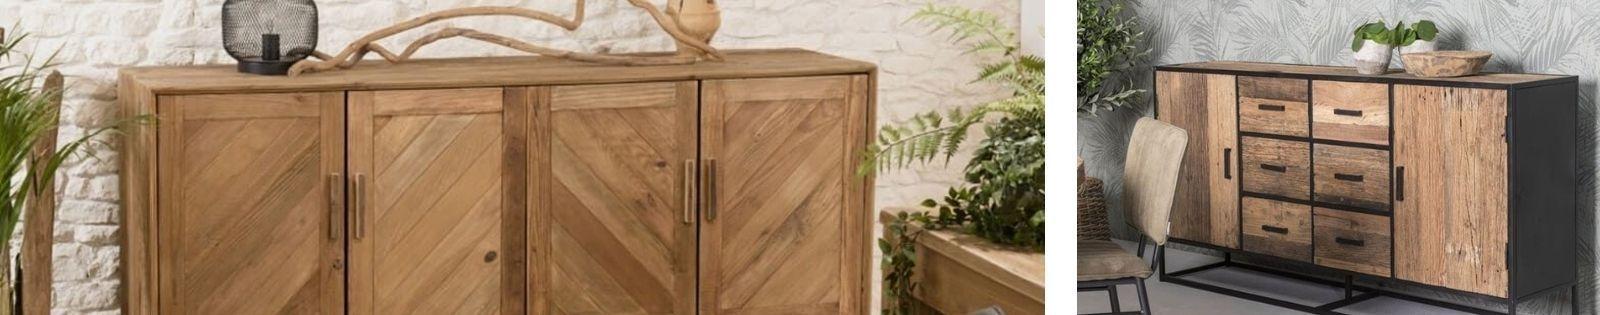 Buffet, vaisselier en bois massif recyclé de qualité   Lotuséa